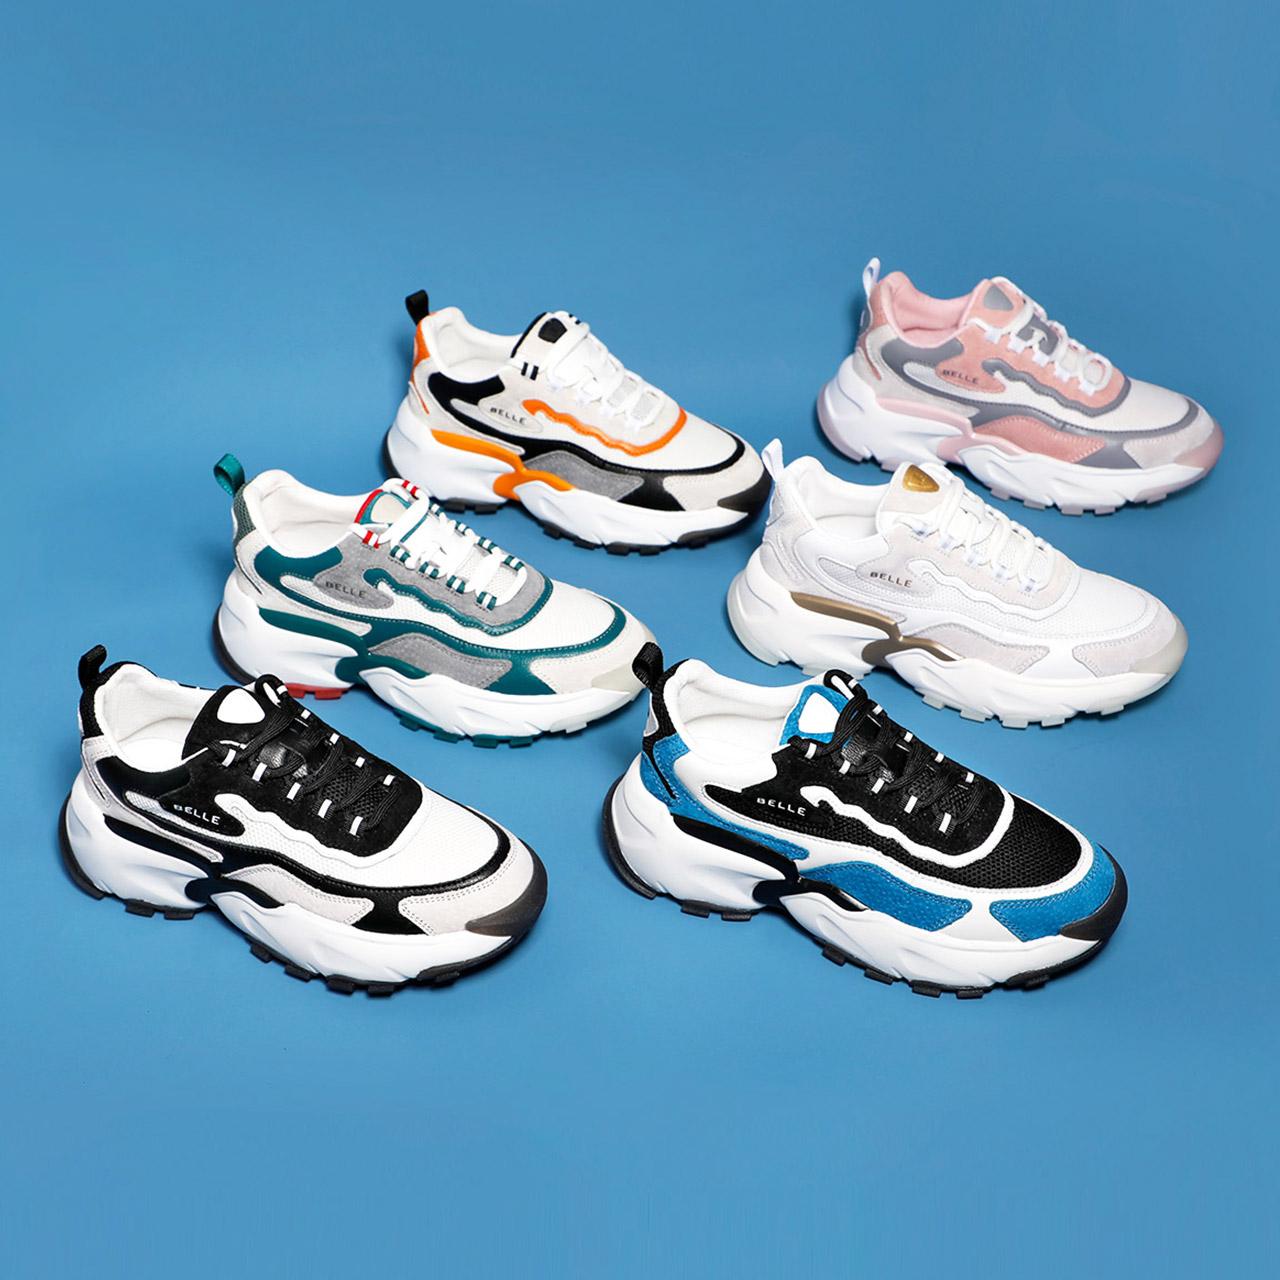 预 V1H1DCM0 夏商场新款运动网面老爹鞋女 20 百丽鲸鱼鞋李宇春同款